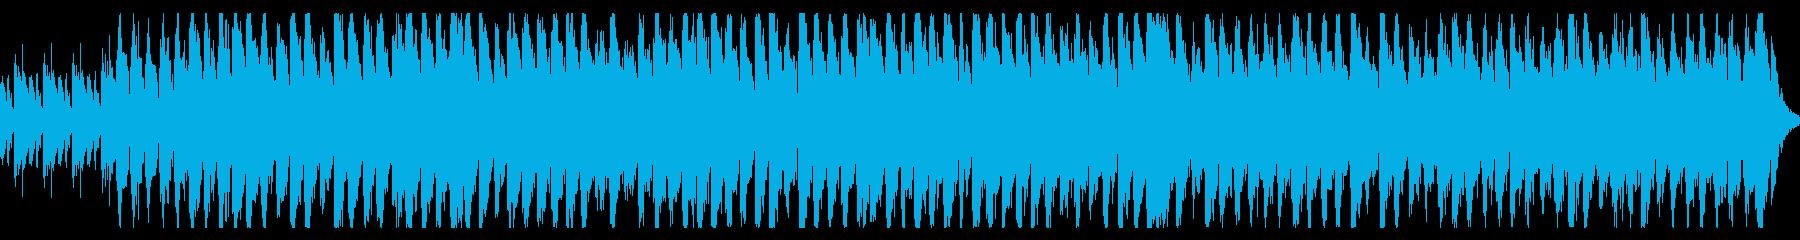 サイコ野郎なテーマ(ループ可能)の再生済みの波形